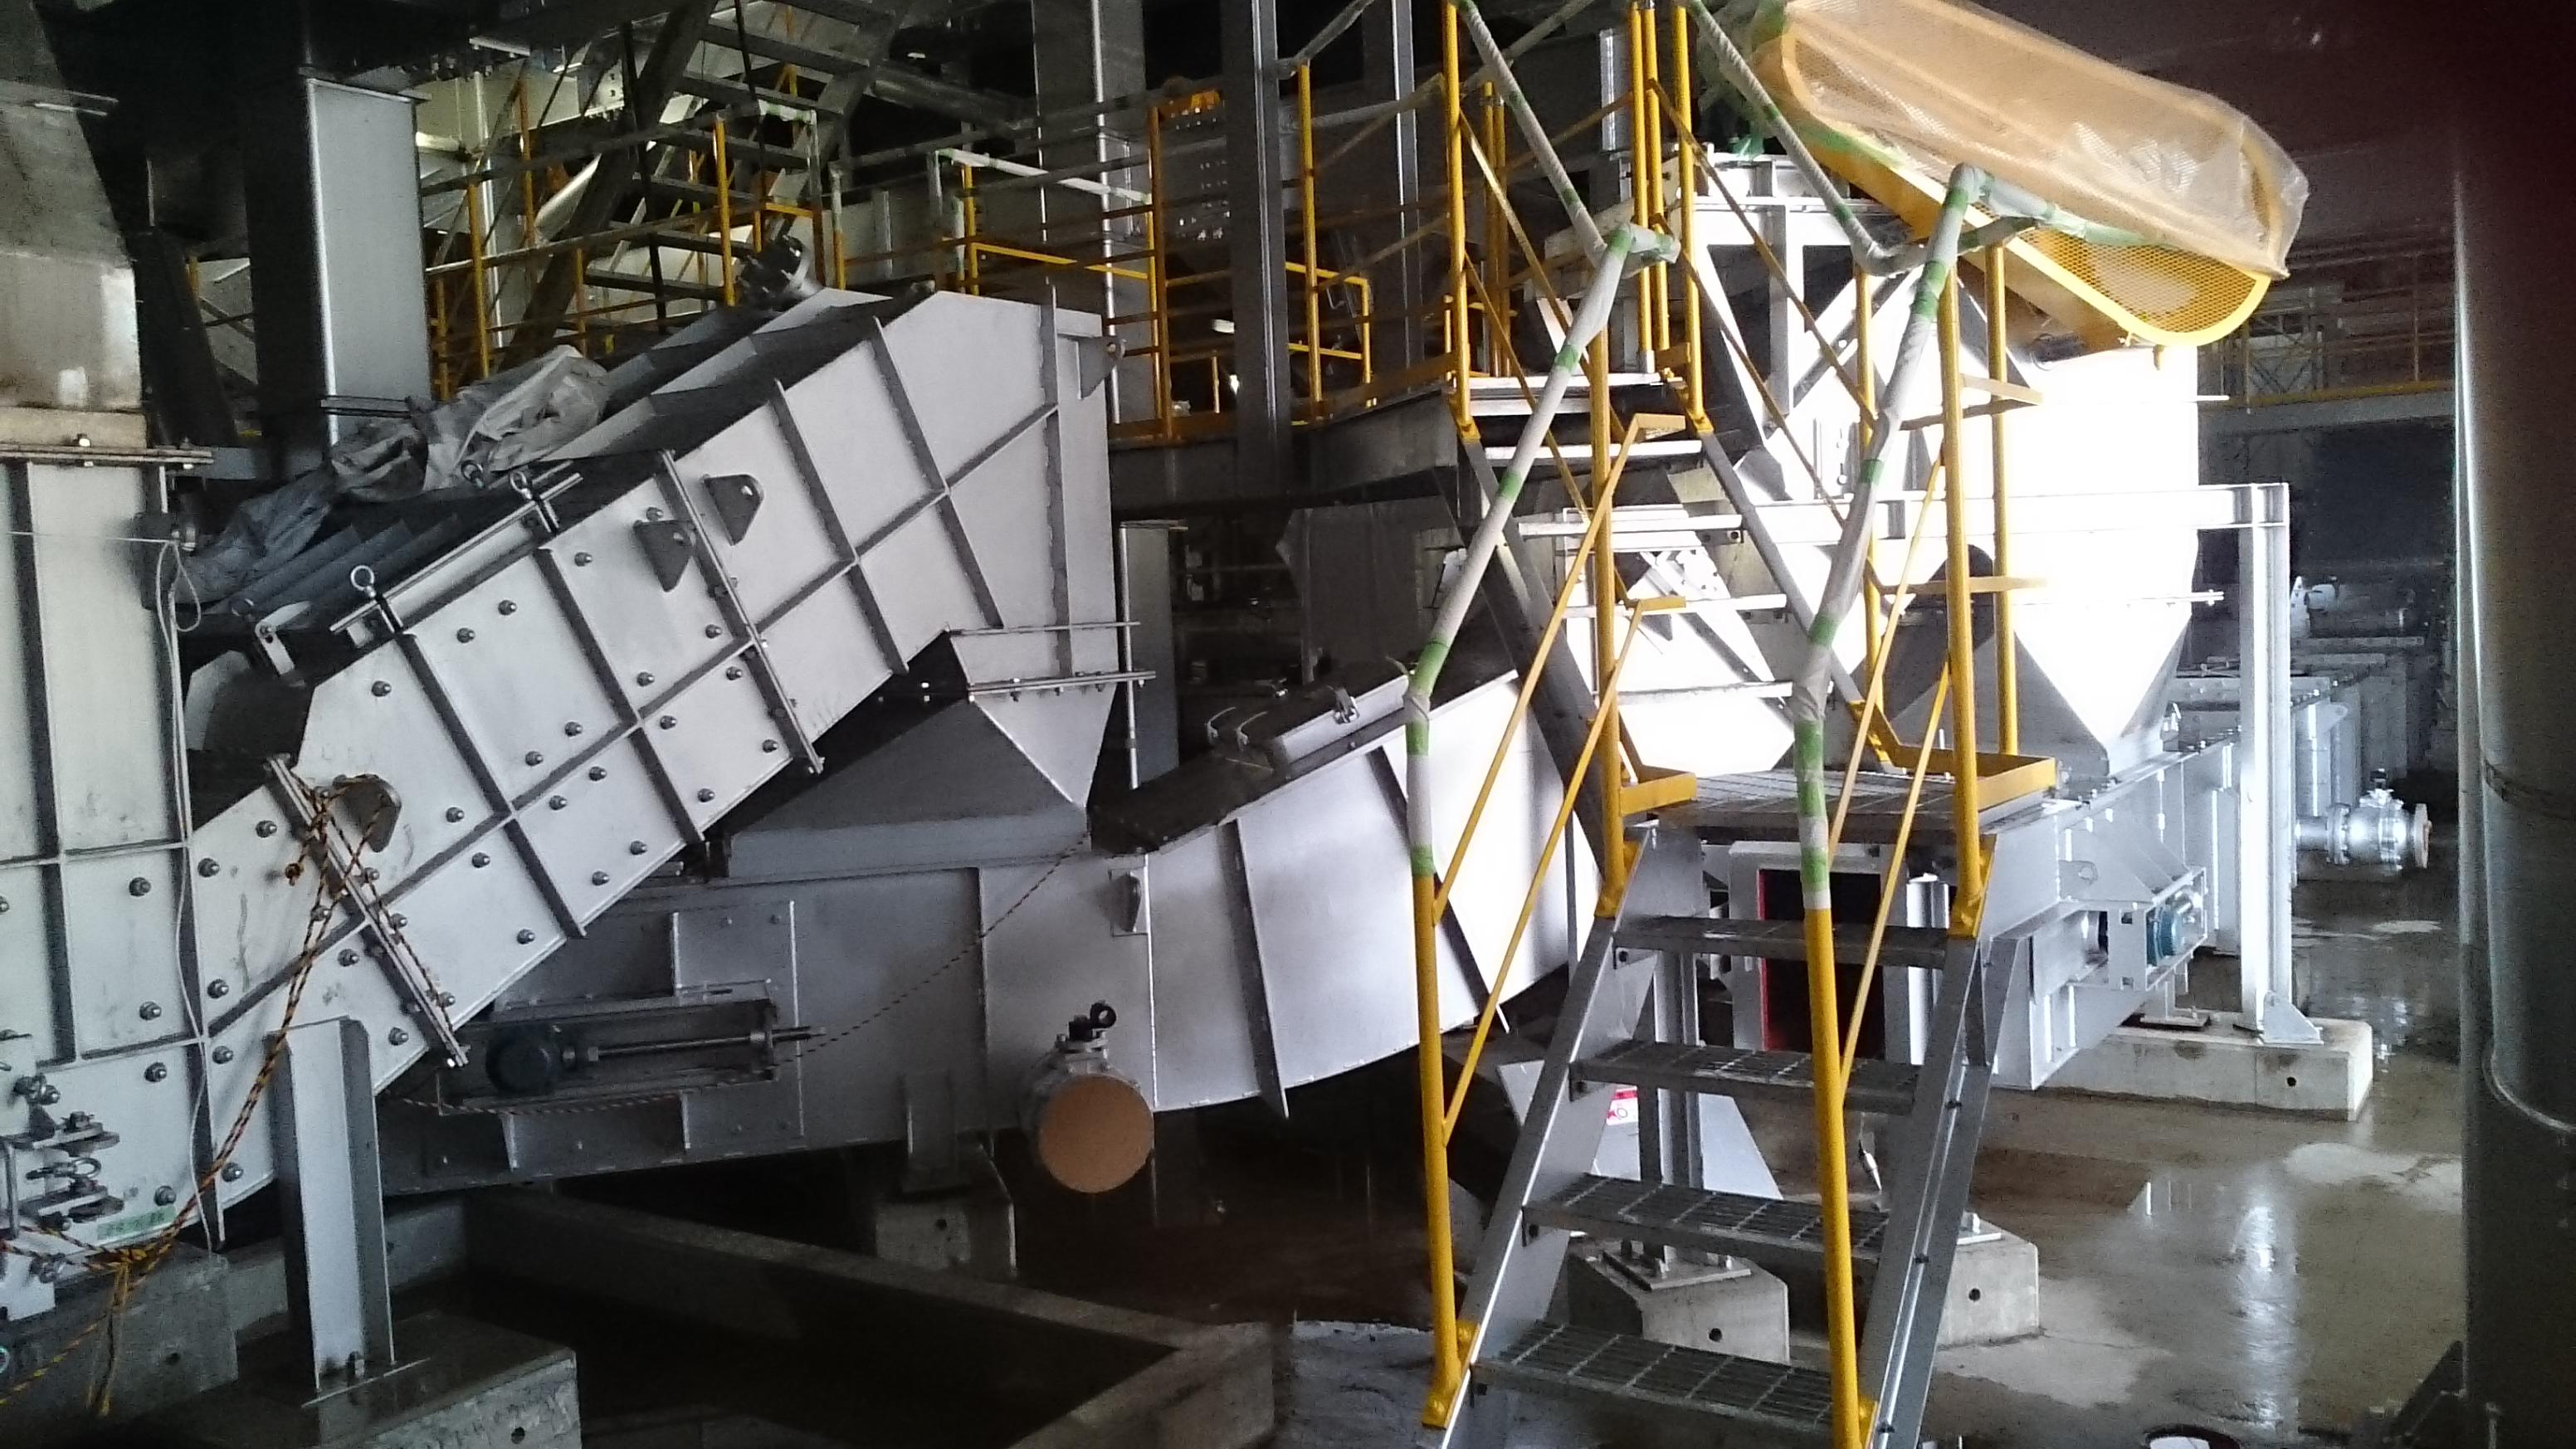 クリーンプラザよこて整備及び運営事業 機器据付及び配管工事